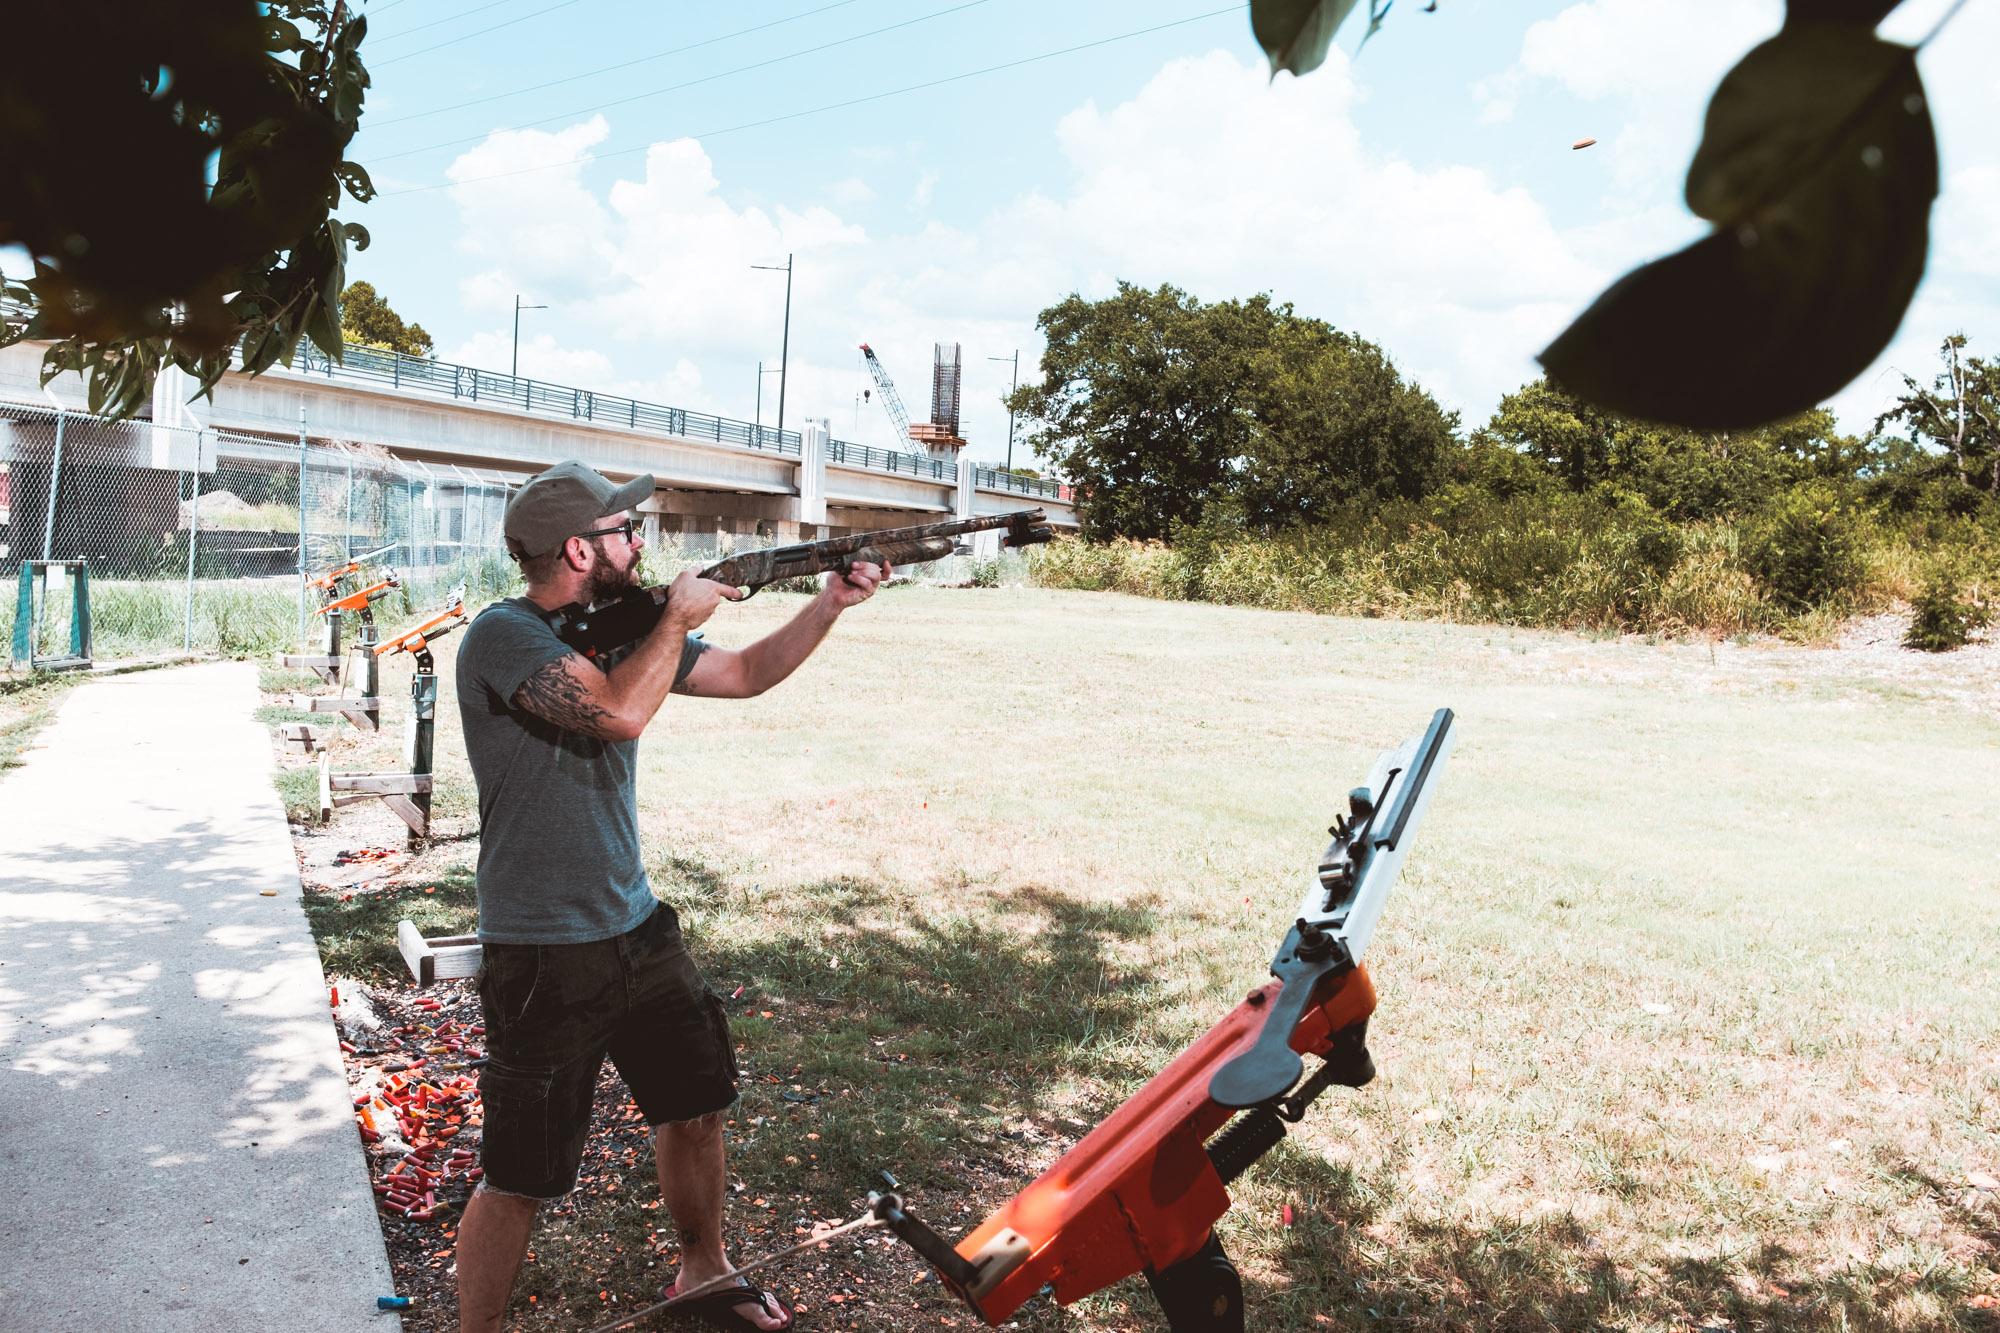 Bob 12 Gauge Shotgun Garland Shooting Range